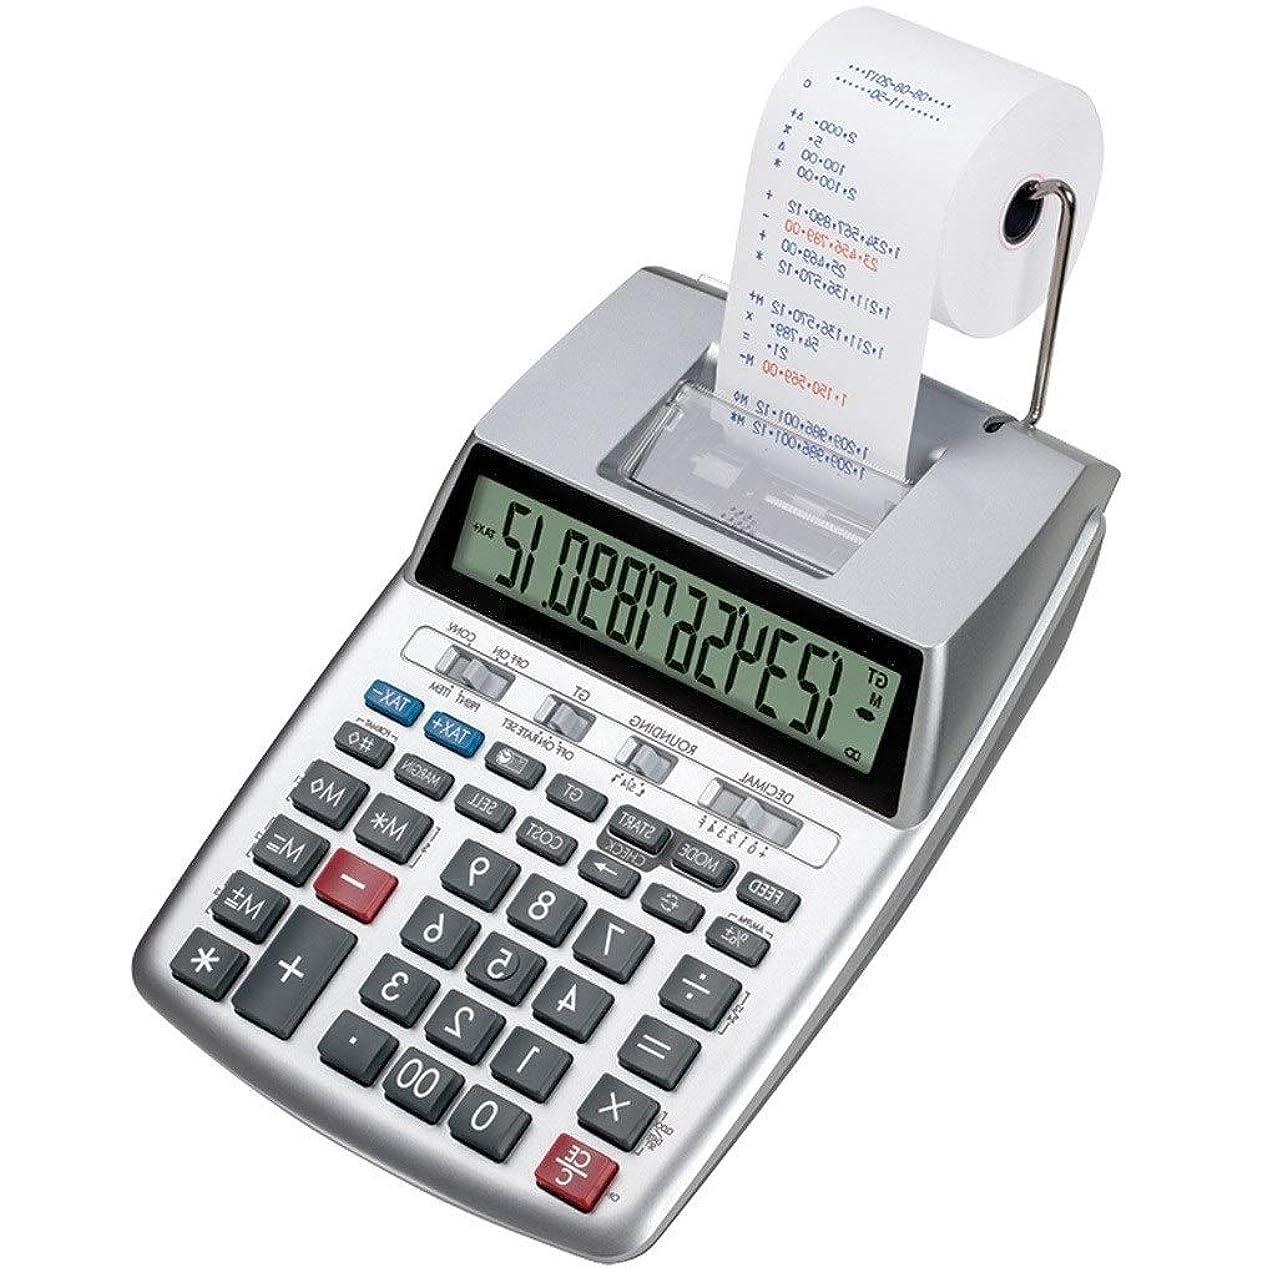 クライアント逃げる入植者デスクトップ電卓 スーパーマーケットの計算機紙コンピュータ銀行会計財務印刷コンピュータ店ホテルのフロントデスク計算機 正確な計算